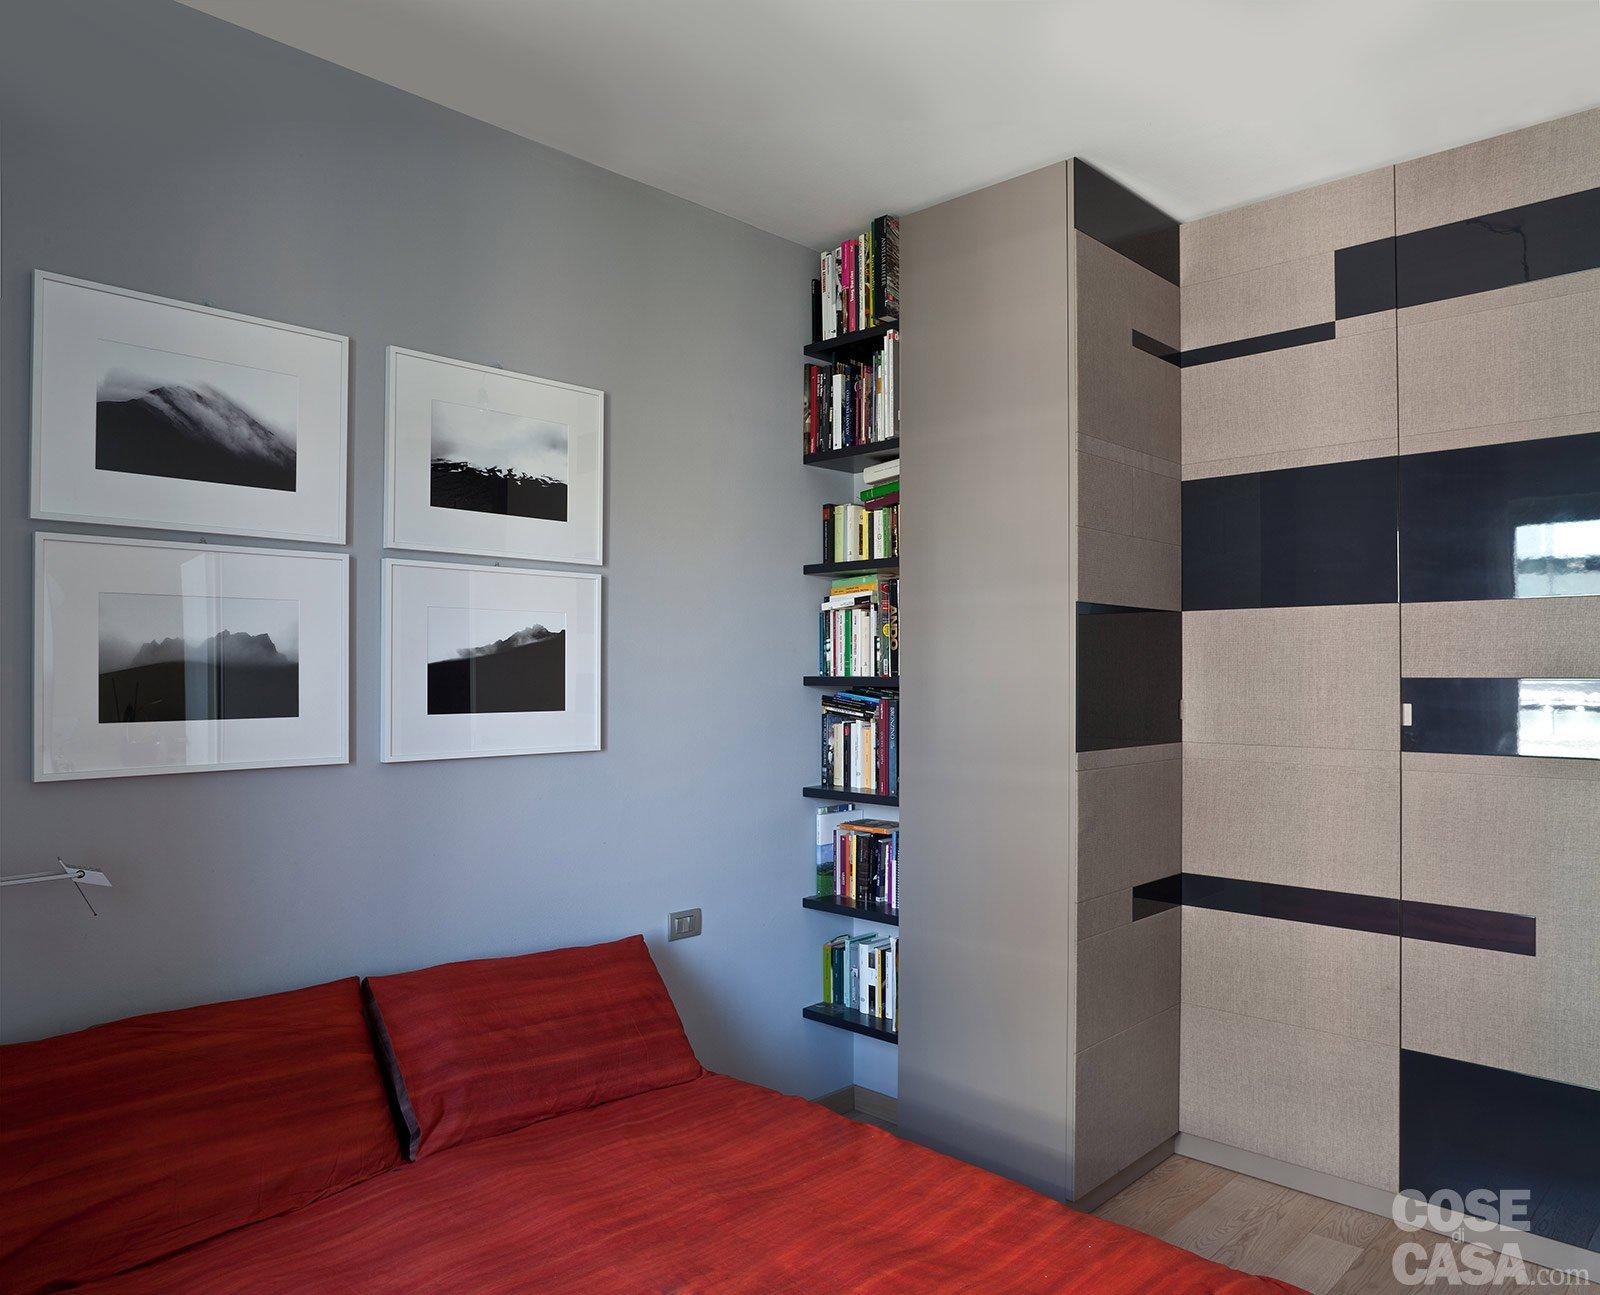 Ambienti contemporanei per una casa di taglio tradizionale for Progettare gli interni di casa